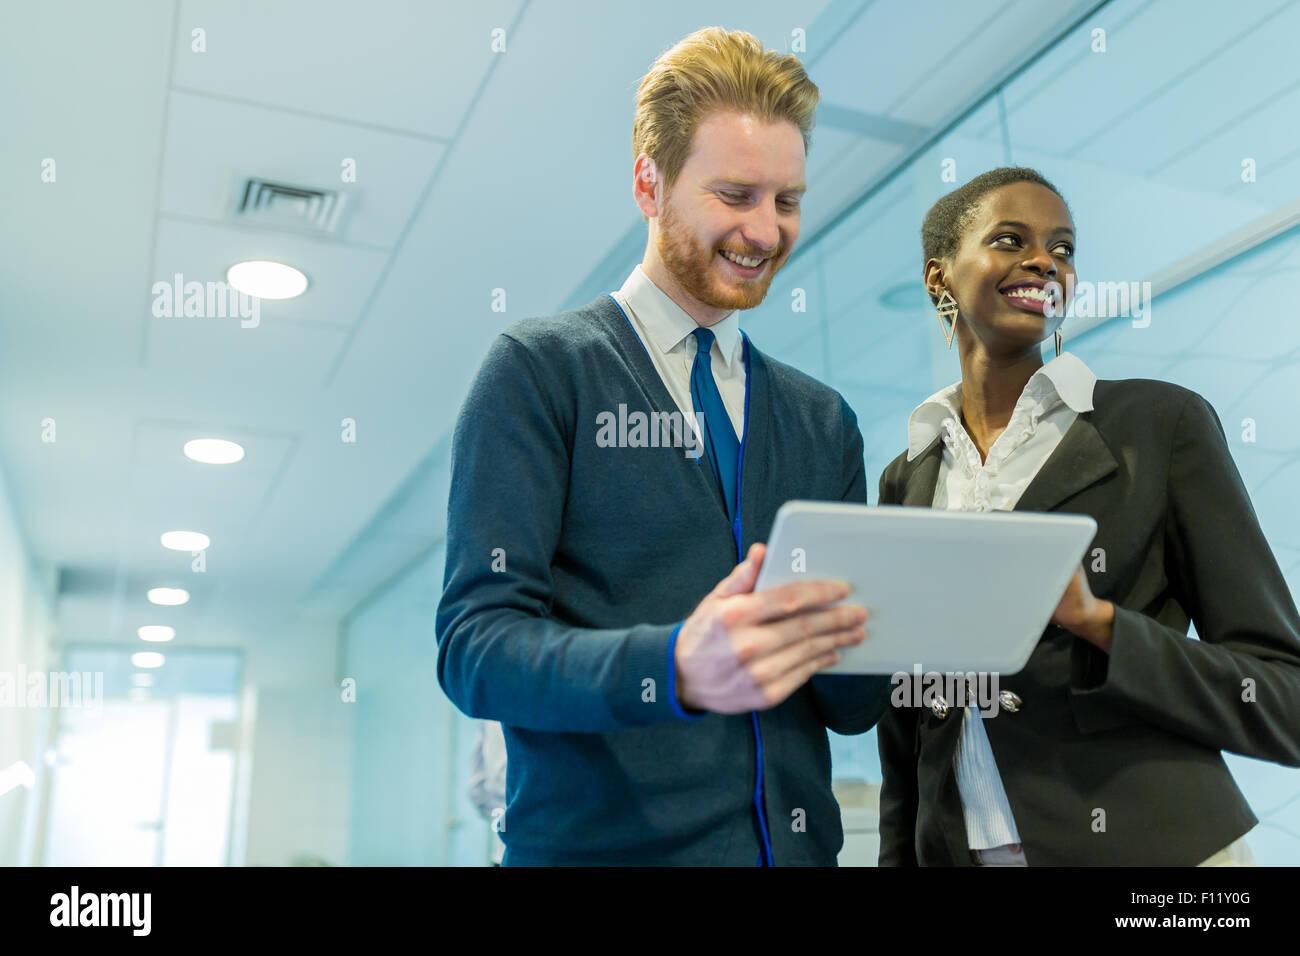 Socios y colegas de discutir ideas mostradas en una tableta en un corredor de oficina Imagen De Stock